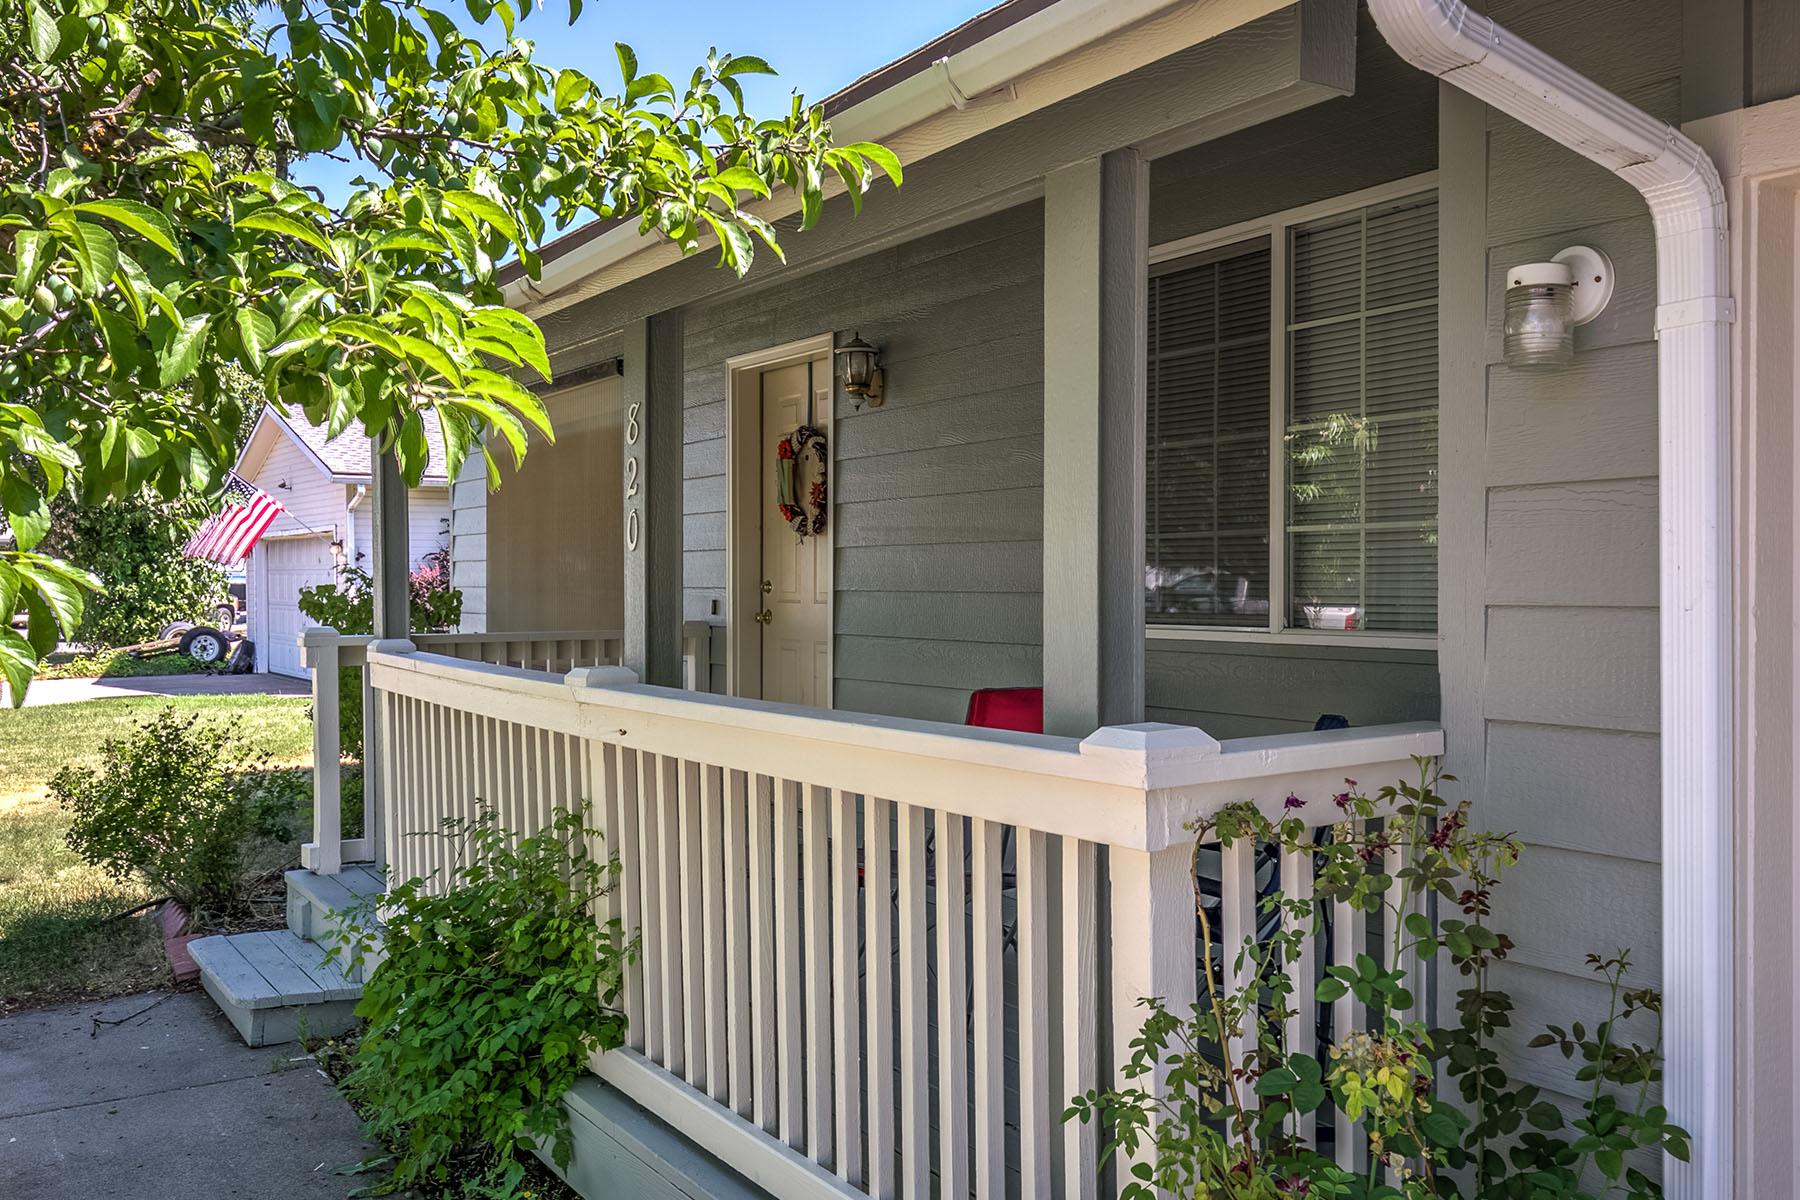 Maison unifamiliale pour l Vente à Adorable Home Near Shopping! 820 N Terran Ct Post Falls, Idaho, 83854 États-Unis